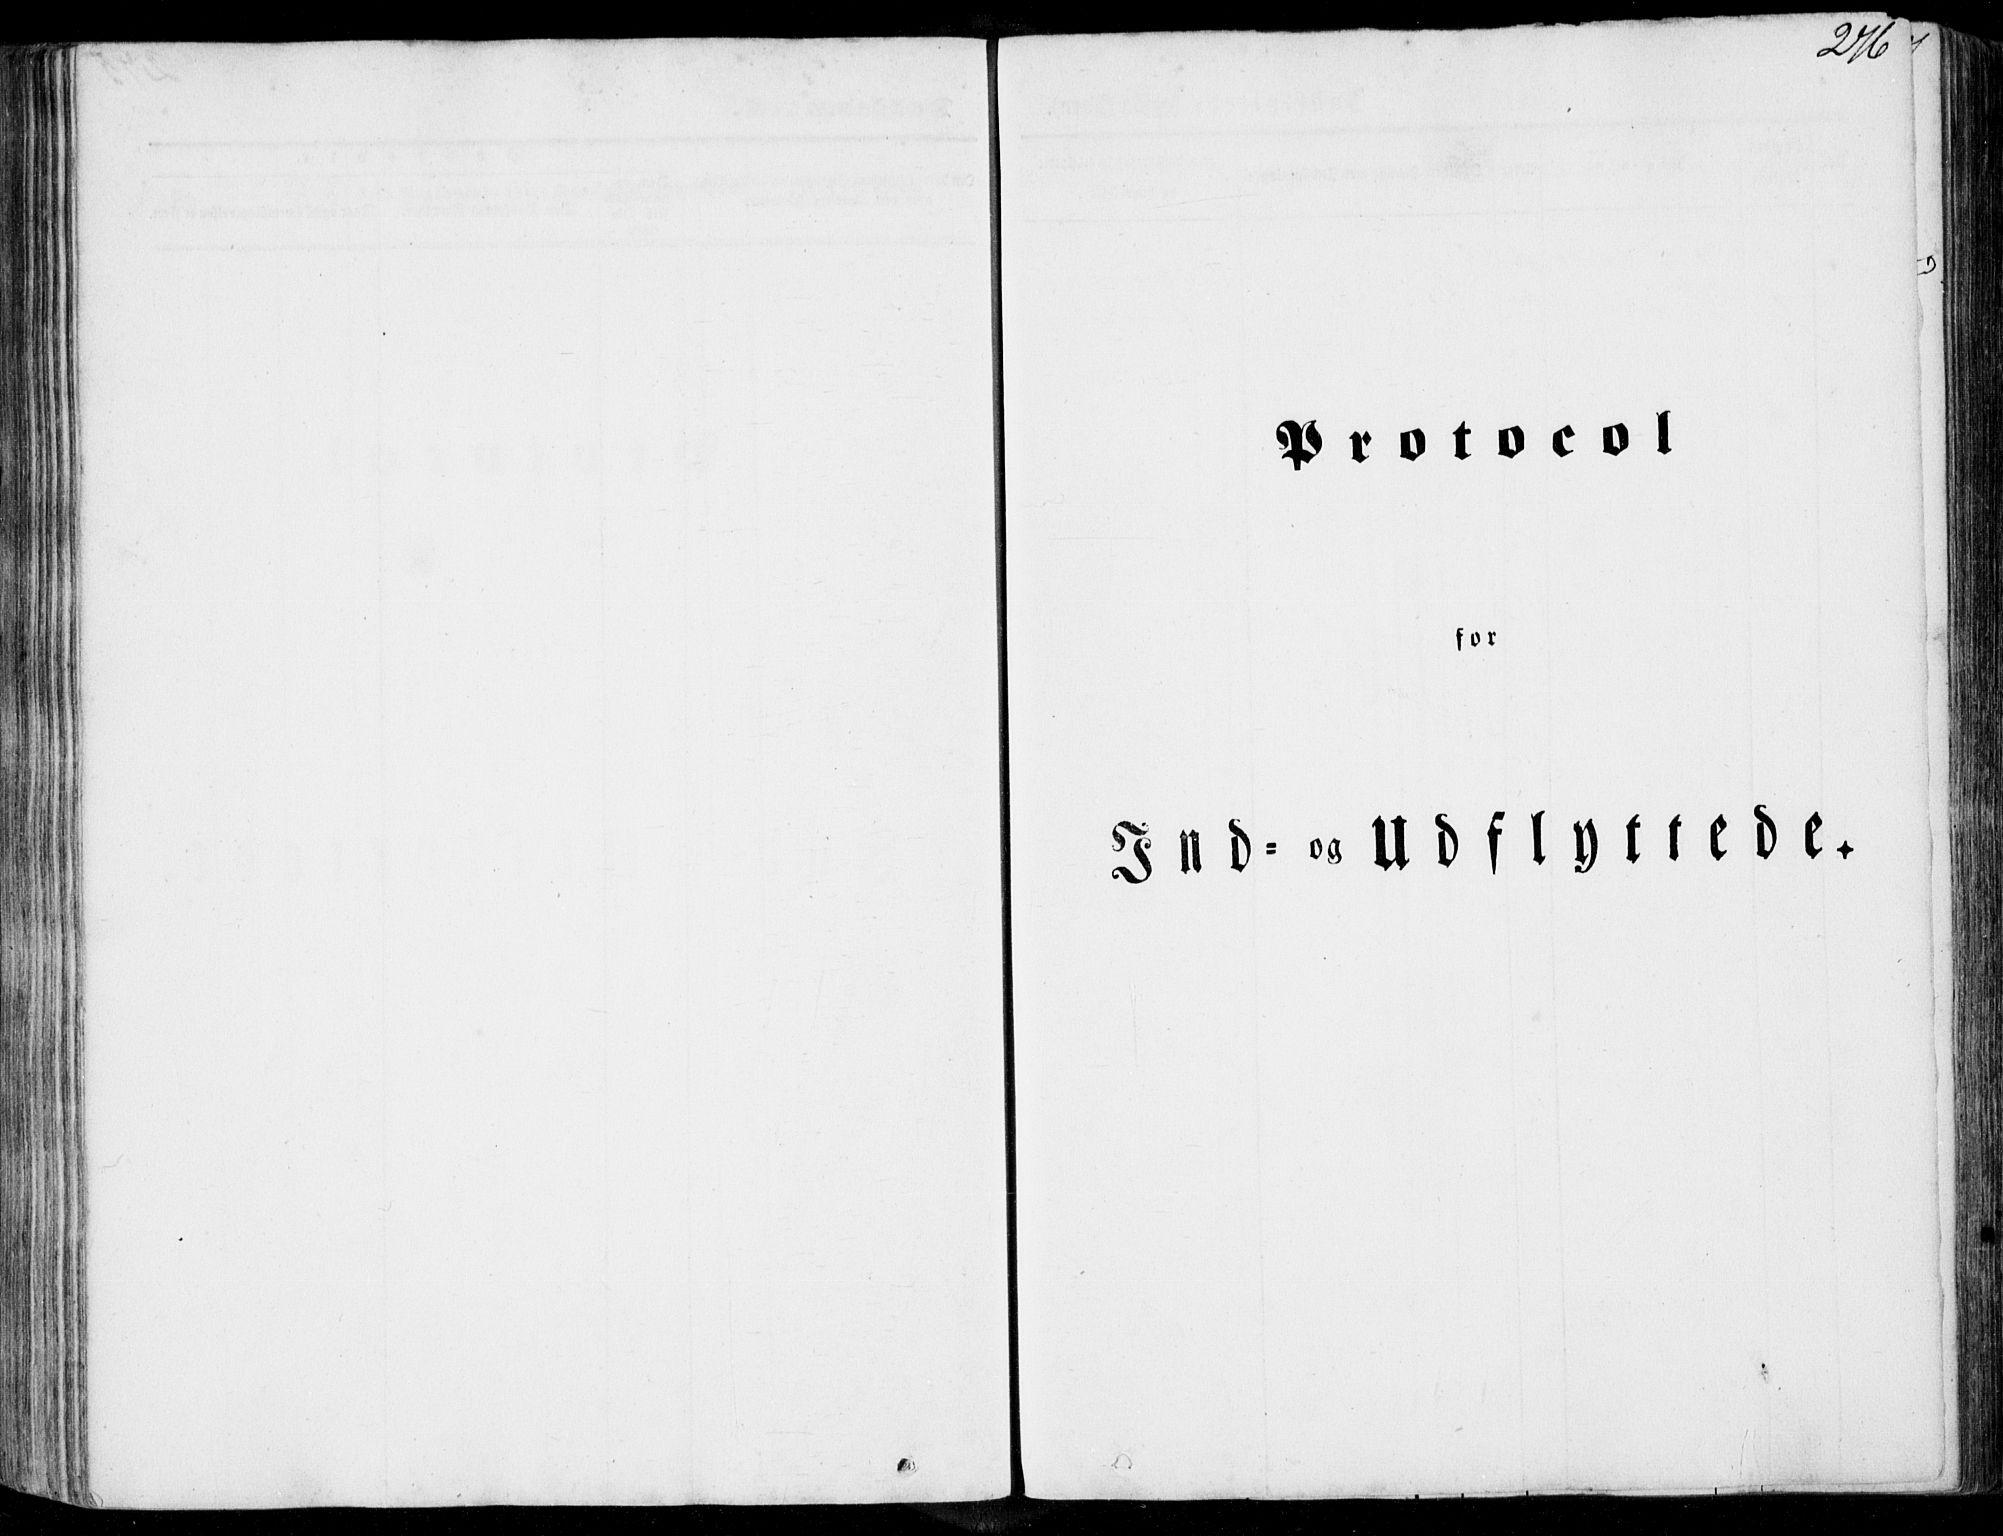 SAT, Ministerialprotokoller, klokkerbøker og fødselsregistre - Møre og Romsdal, 536/L0497: Ministerialbok nr. 536A06, 1845-1865, s. 276